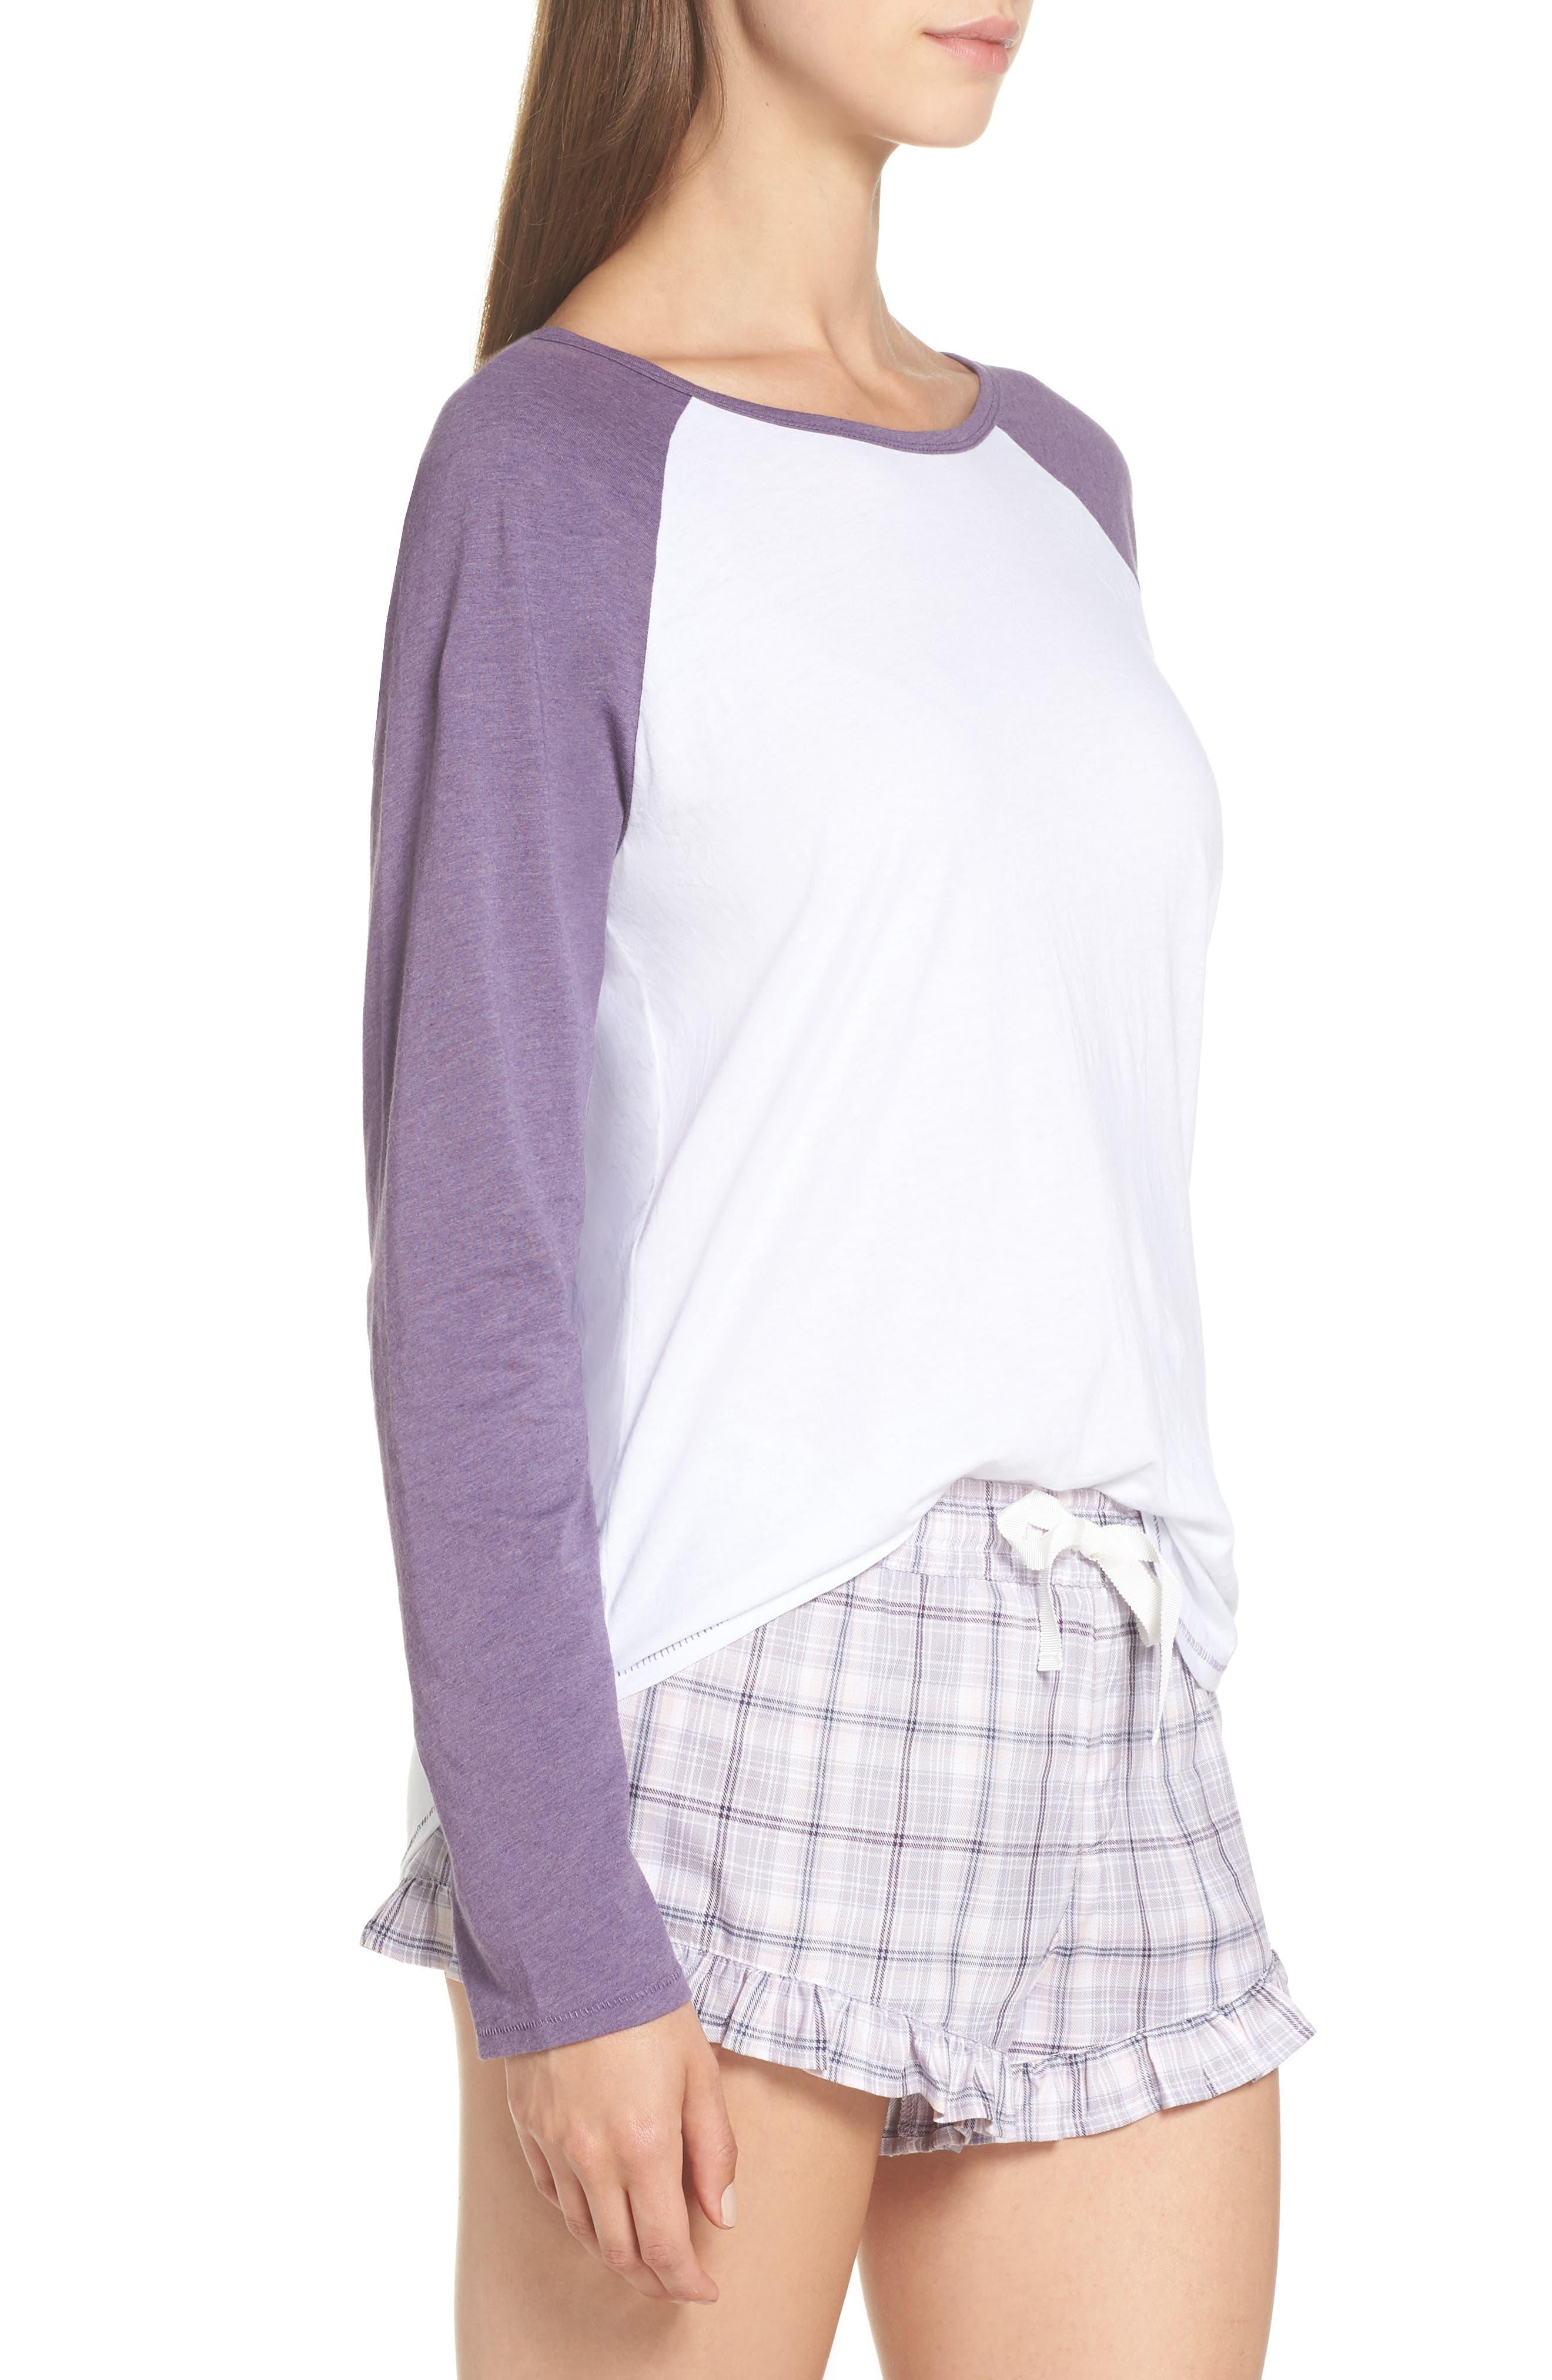 Charly Short Pajamas,                             Alternate thumbnail 3, color,                             536